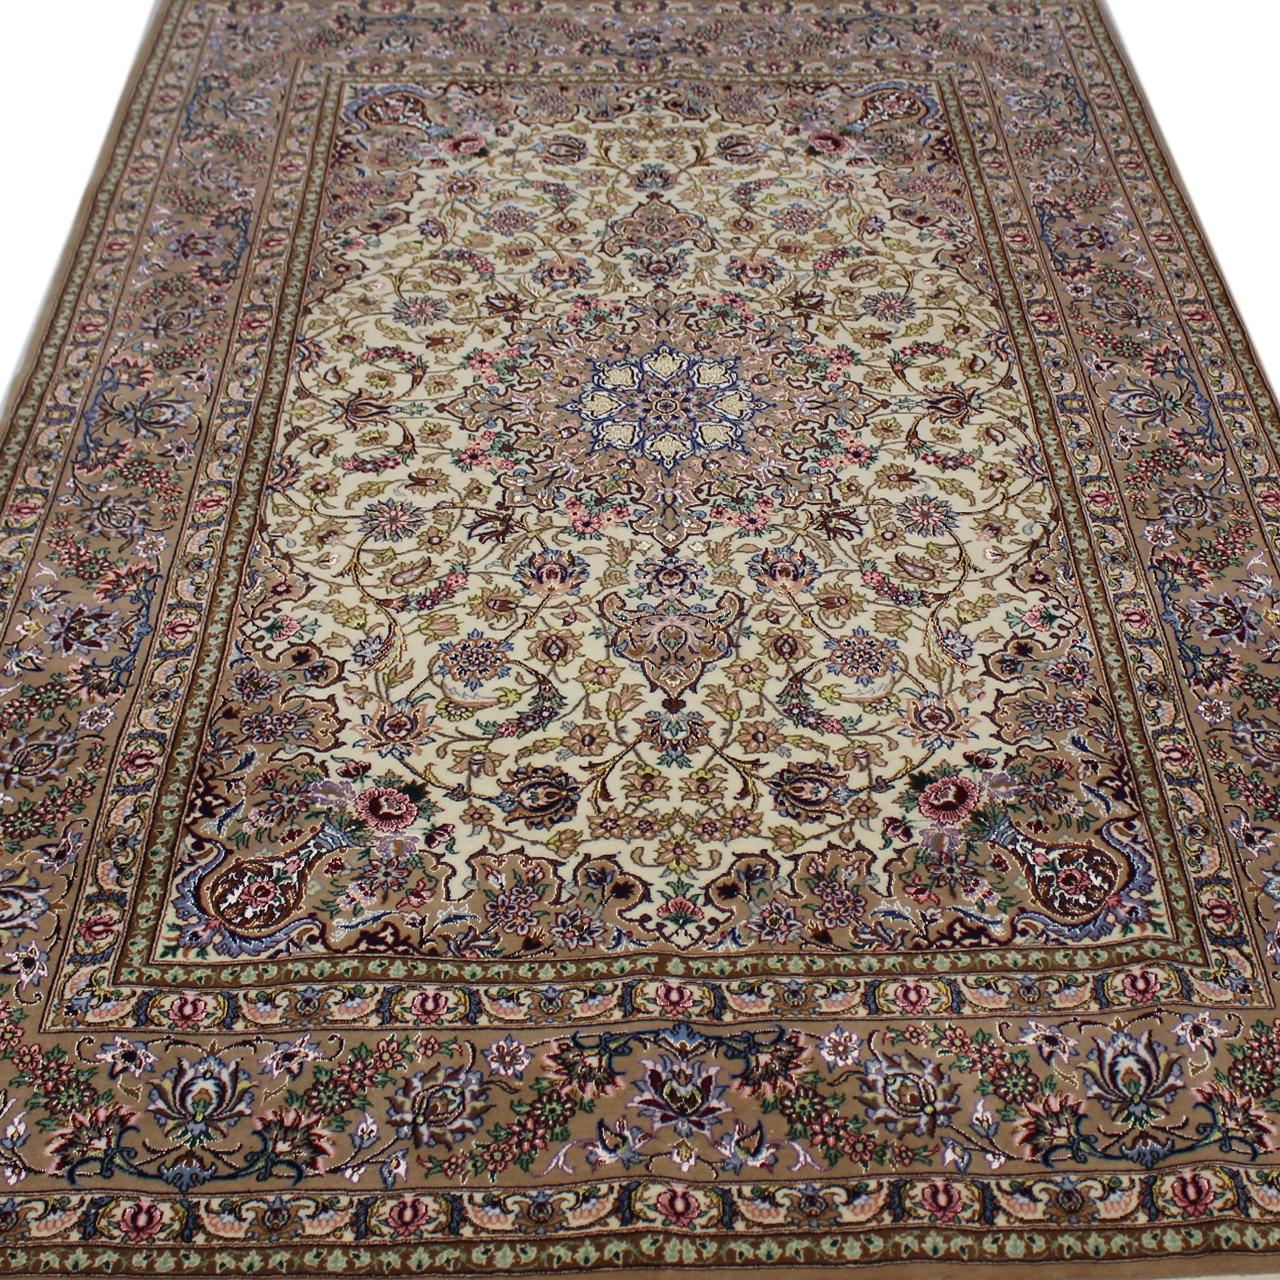 خرید                     فرش دستبافت سه و نیم متری مدل اصفهان  کد 109